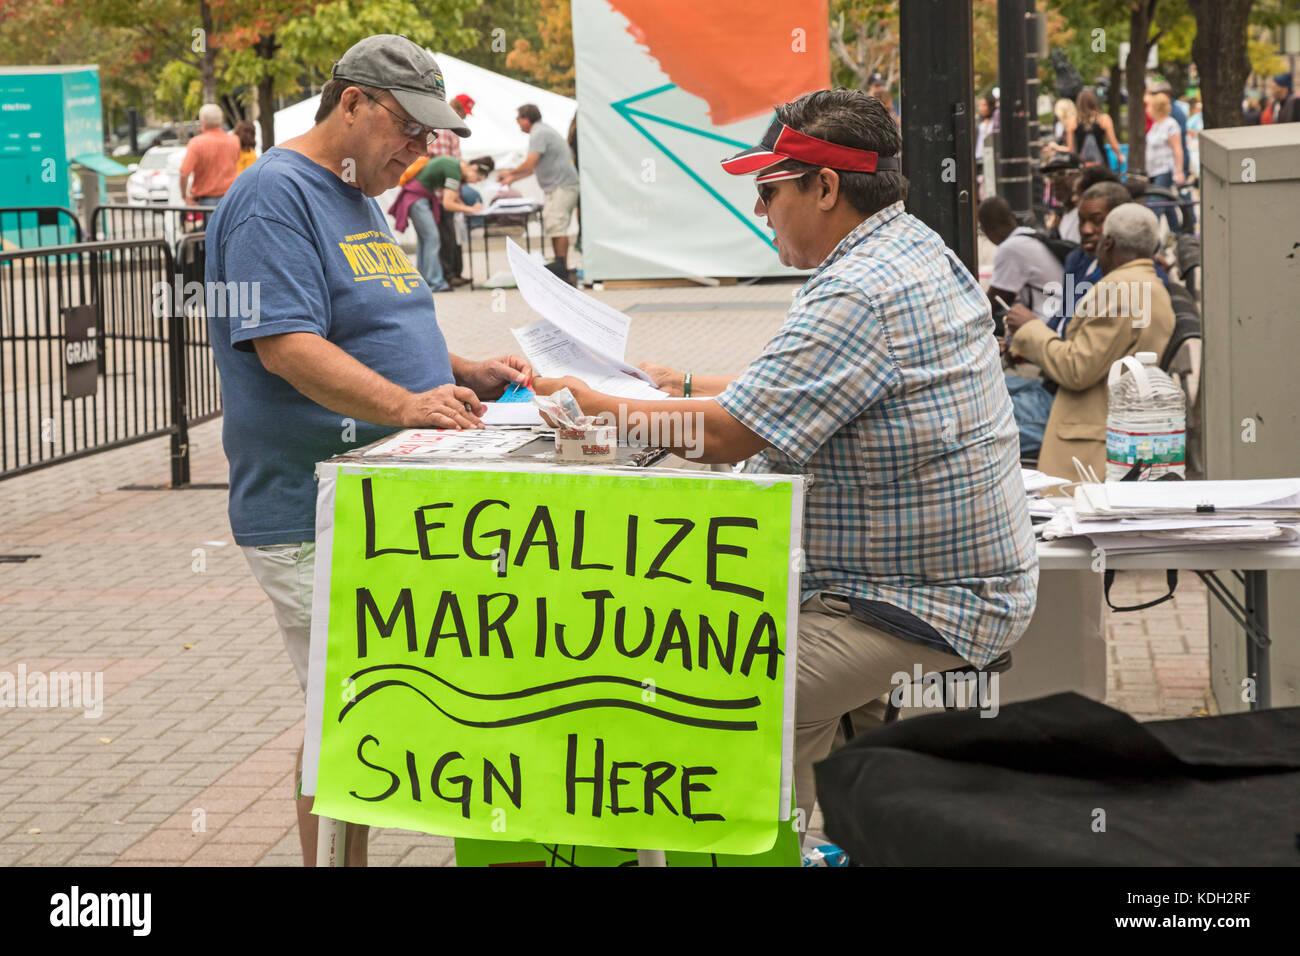 Grand Rapids, Michigan - A man circulates a ballot petition to legalize recreational marijuana in Michigan. - Stock Image